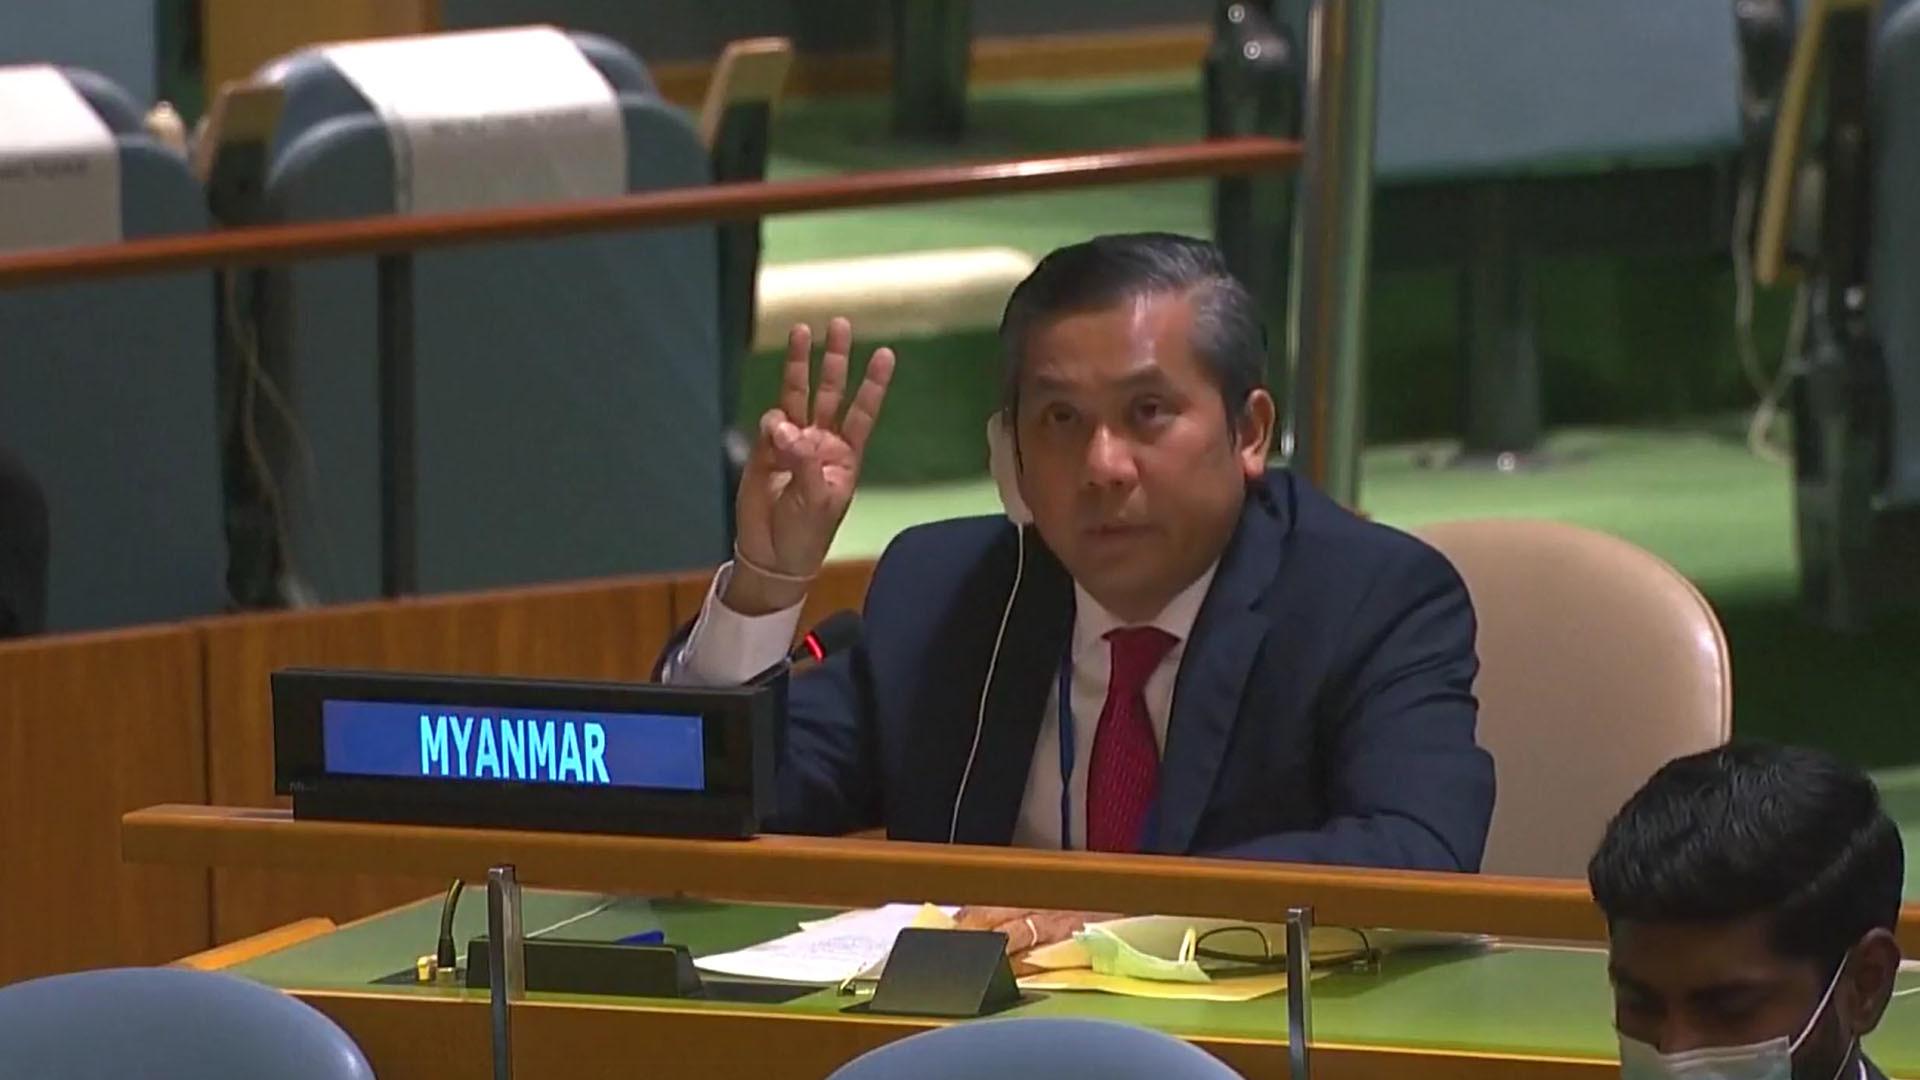 จ่อโมทุน ผู้แทนถาวรของรัฐบาลพม่าประจำสหประชาชาติ